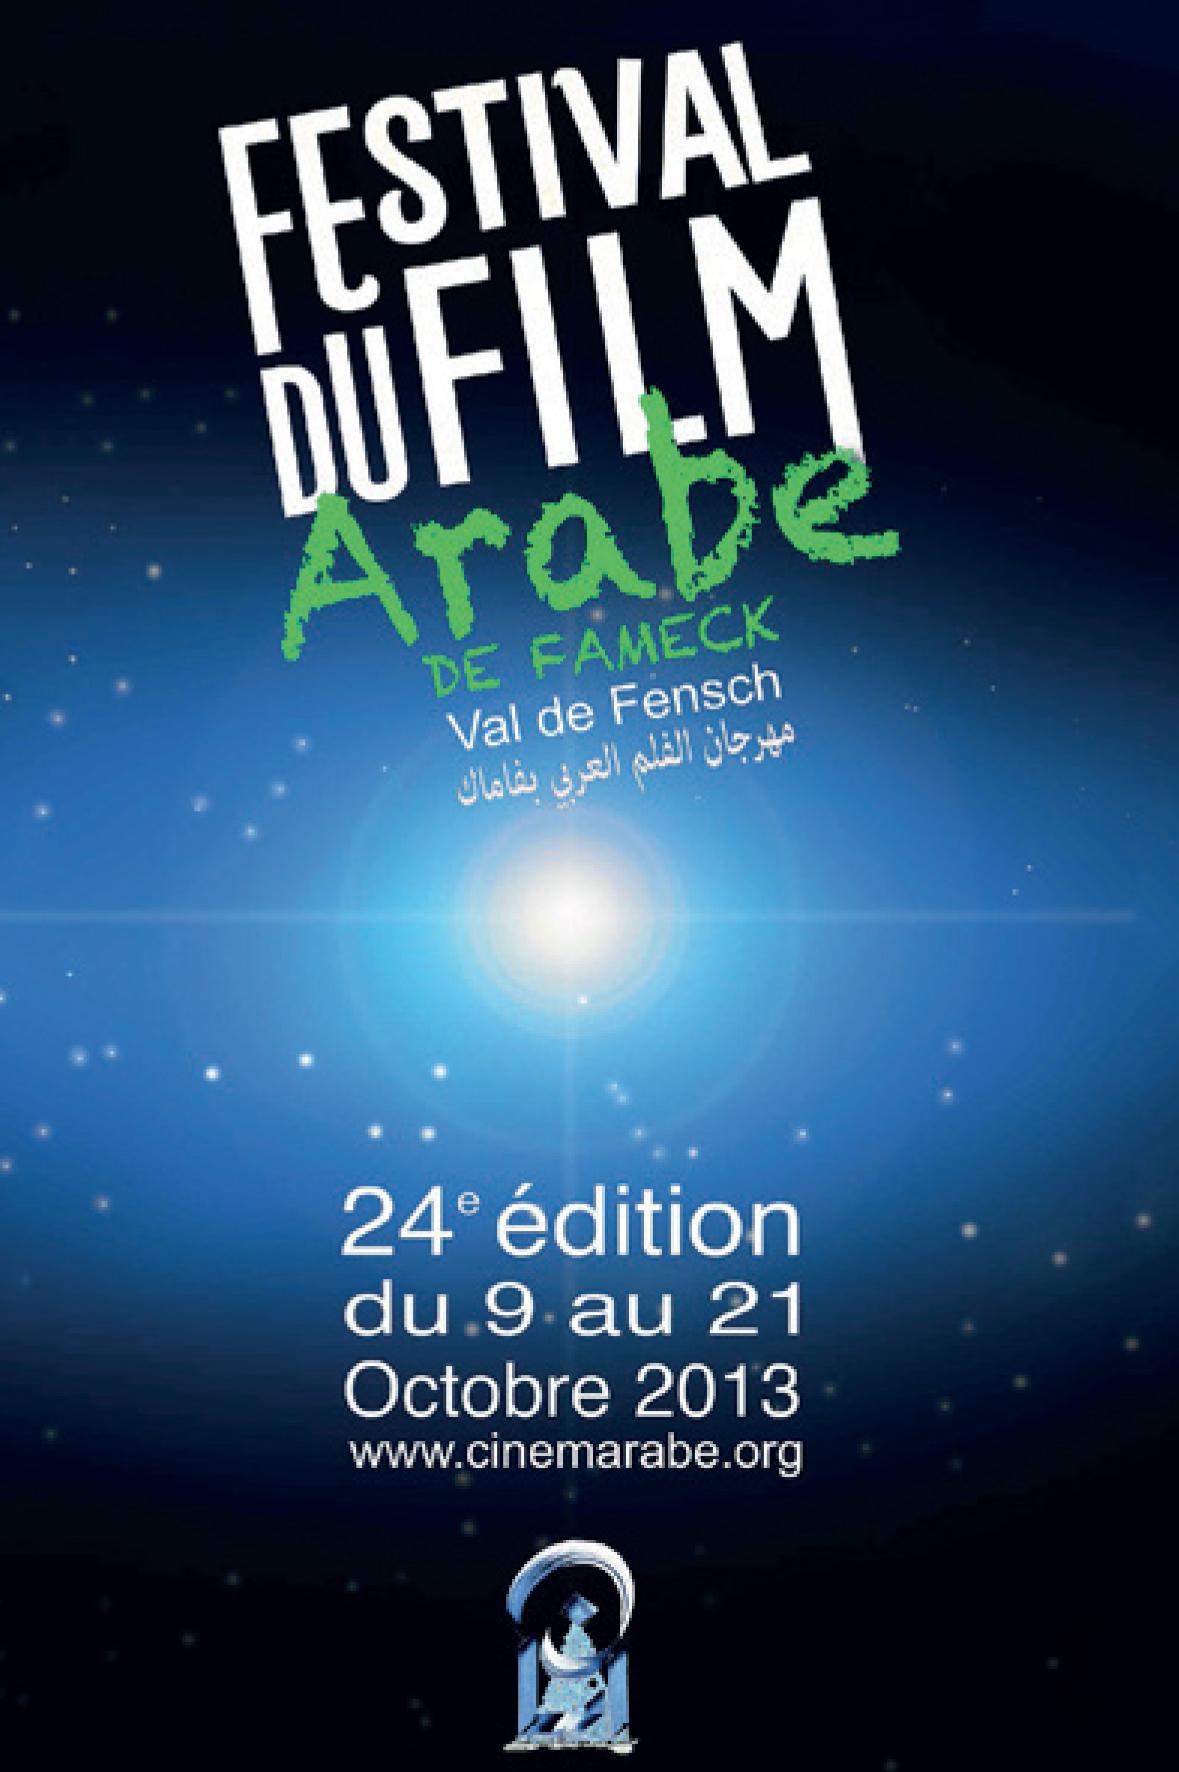 Festival du Film Arabe 2013 - Fameck